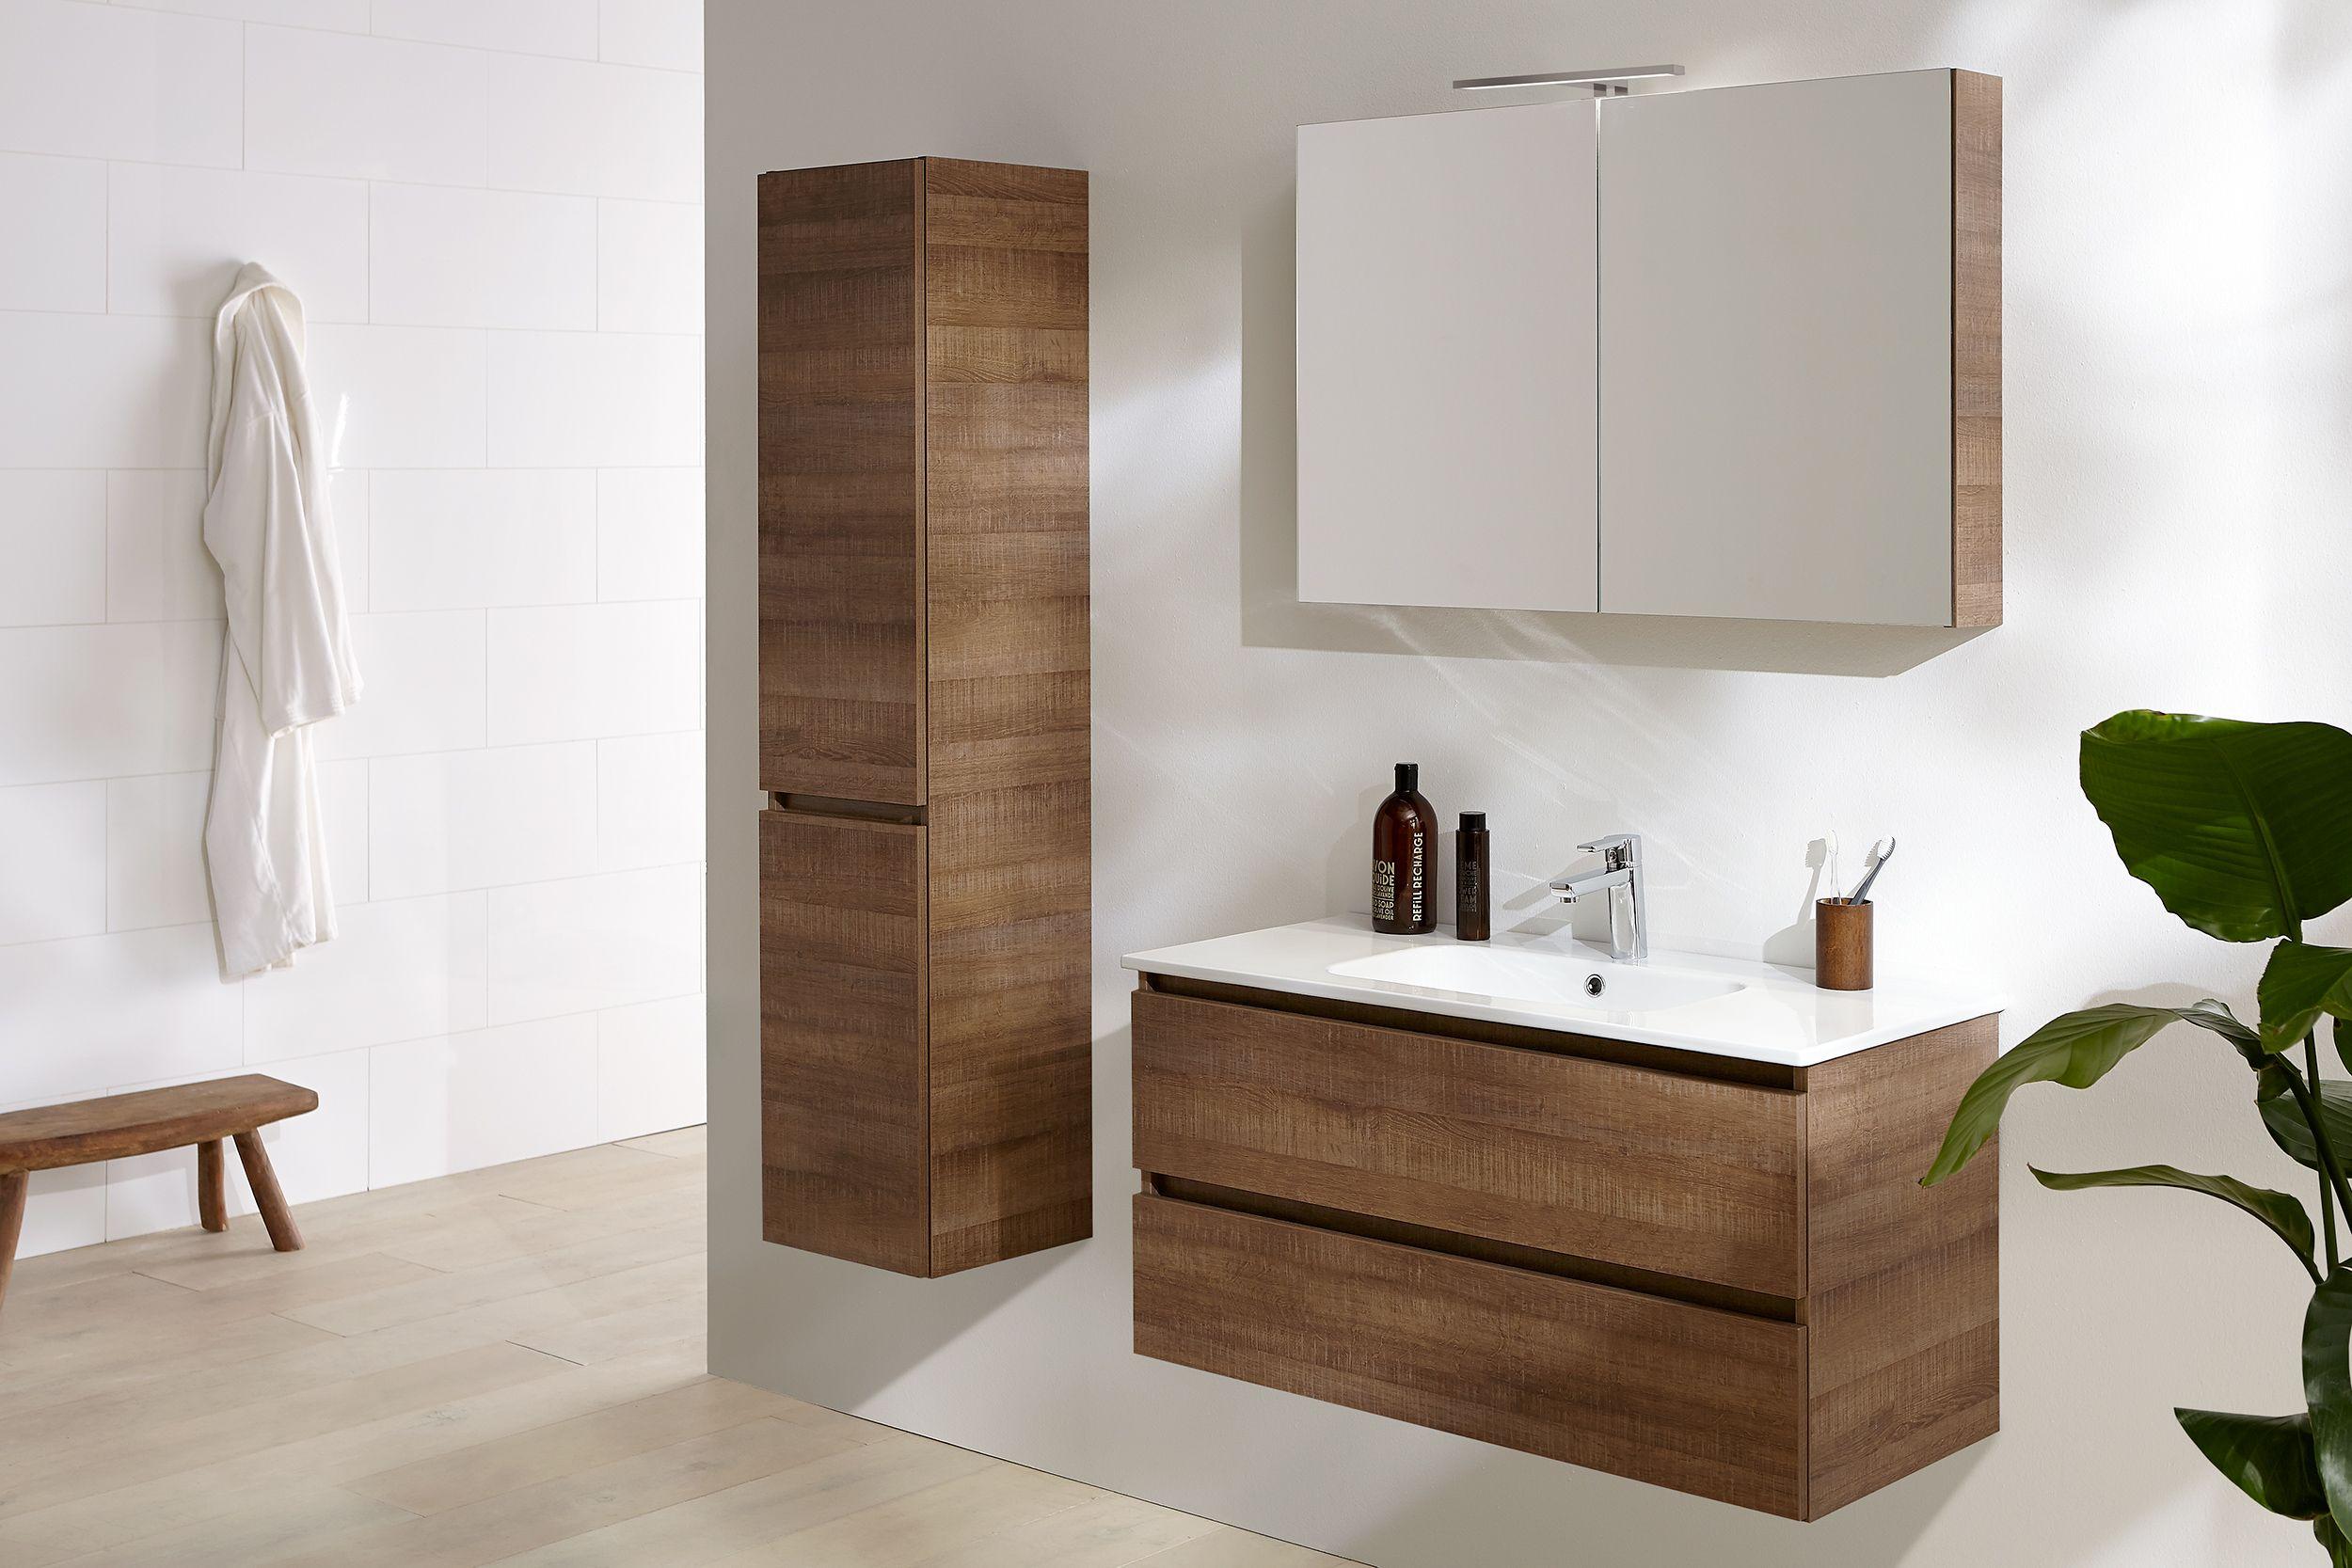 Warme Rustieke Badkamer : De houtstructuur van deze third edition set zorgt voor een warme